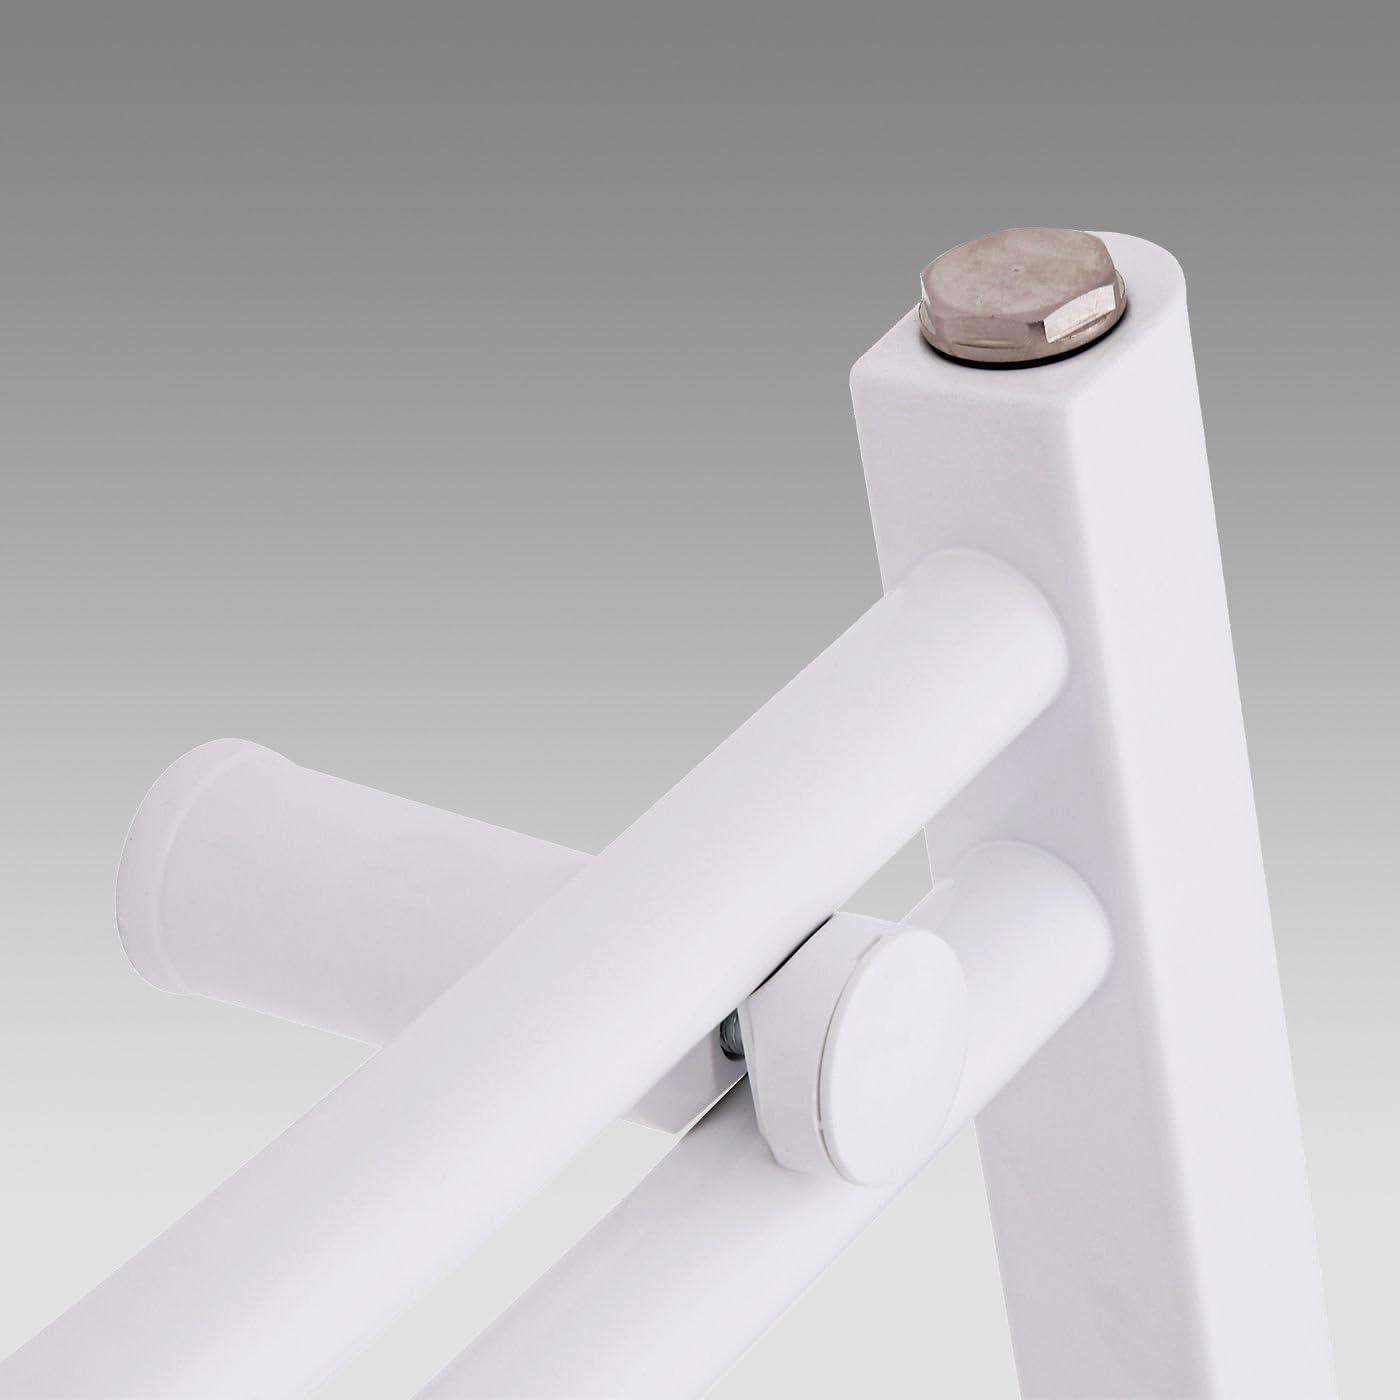 Handtuchheizk/örper weiss Badheizk/örper ASTORIA 500x1800 mm Handtuchw/ärmer Badheizk/örper Seitenanschluss gerade